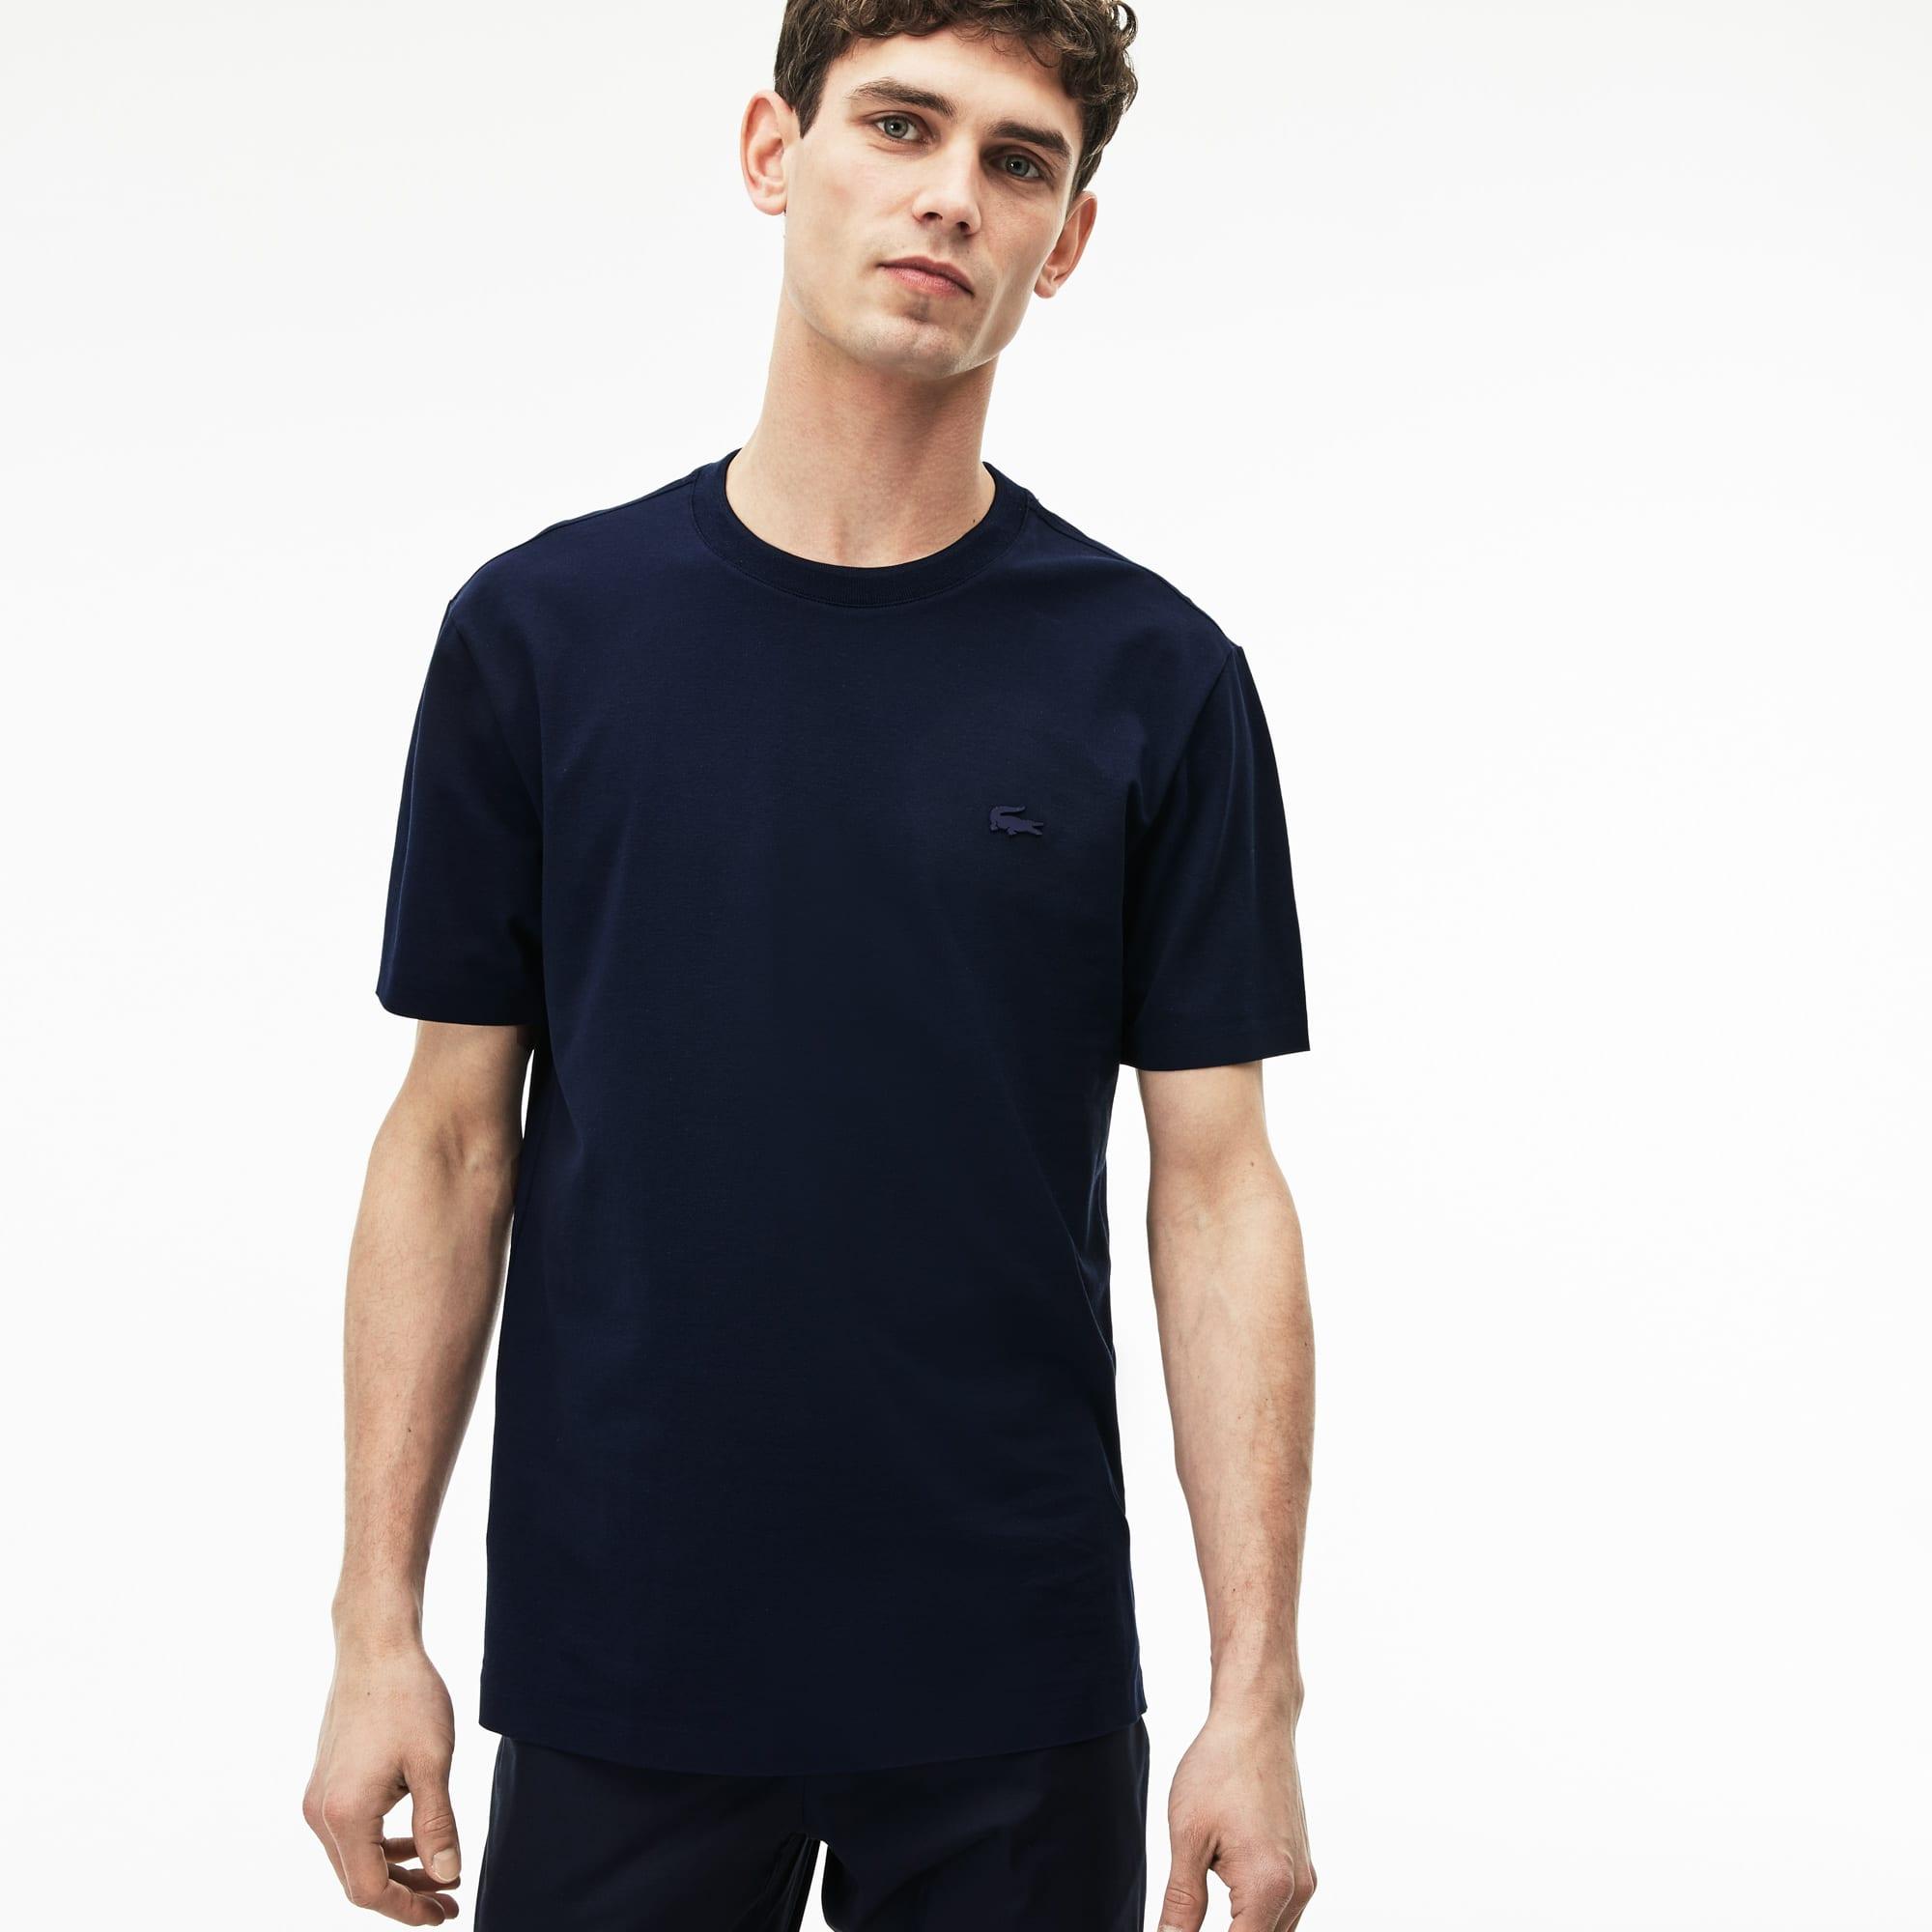 T-shirt a girocollo Lacoste MOTION in piqué di cotone Pima tinta unita